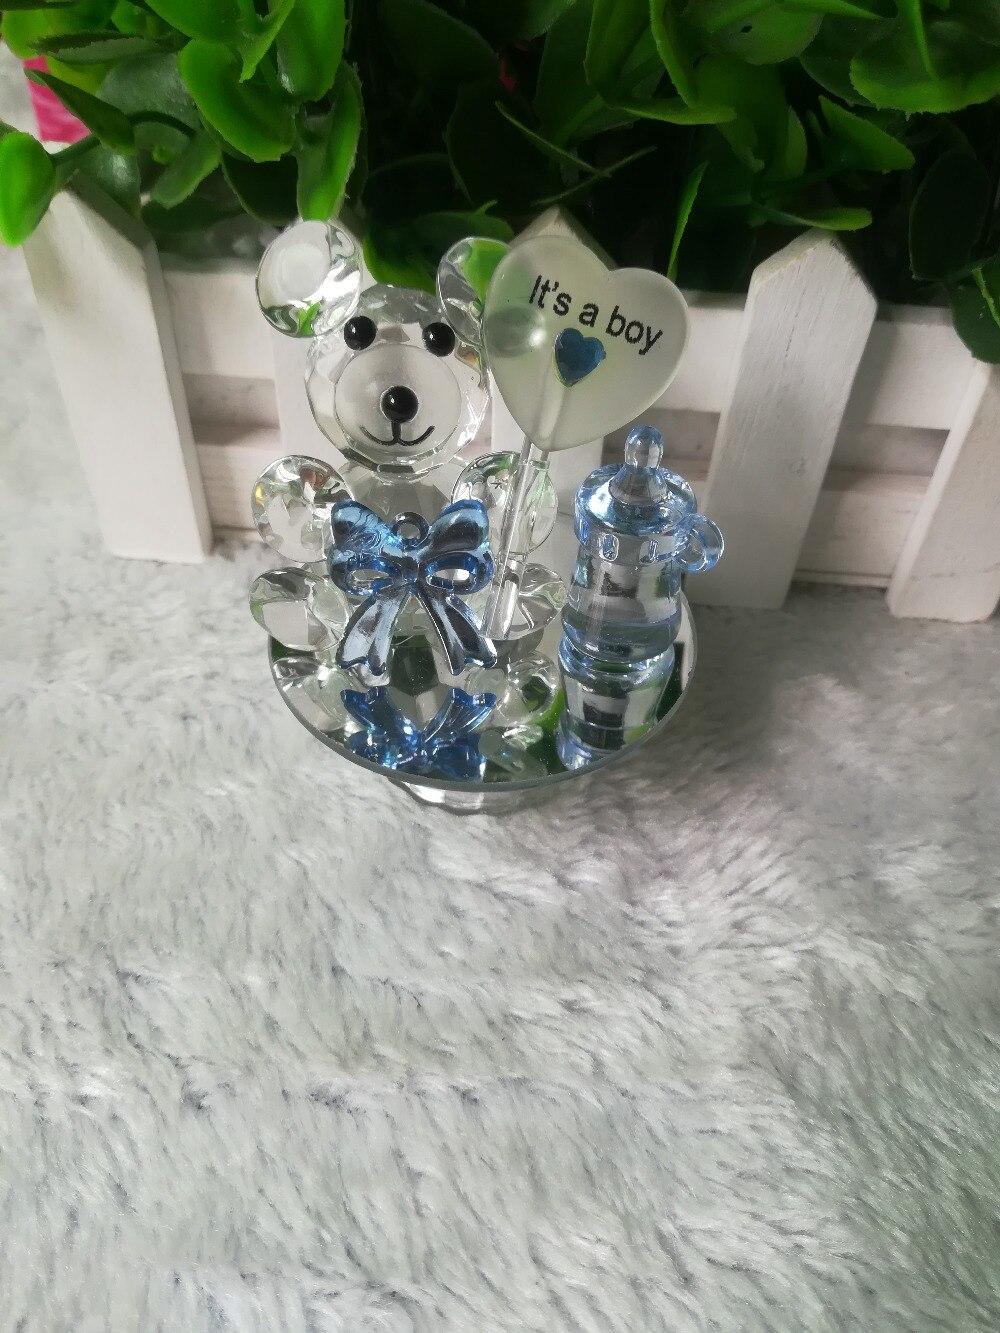 K5 cristal ours mamelon baptême bébé douche Souvenirs fête baptême cadeau mariage faveurs et cadeaux pour invité-in Accessoires de fête from Maison & Animalerie    1